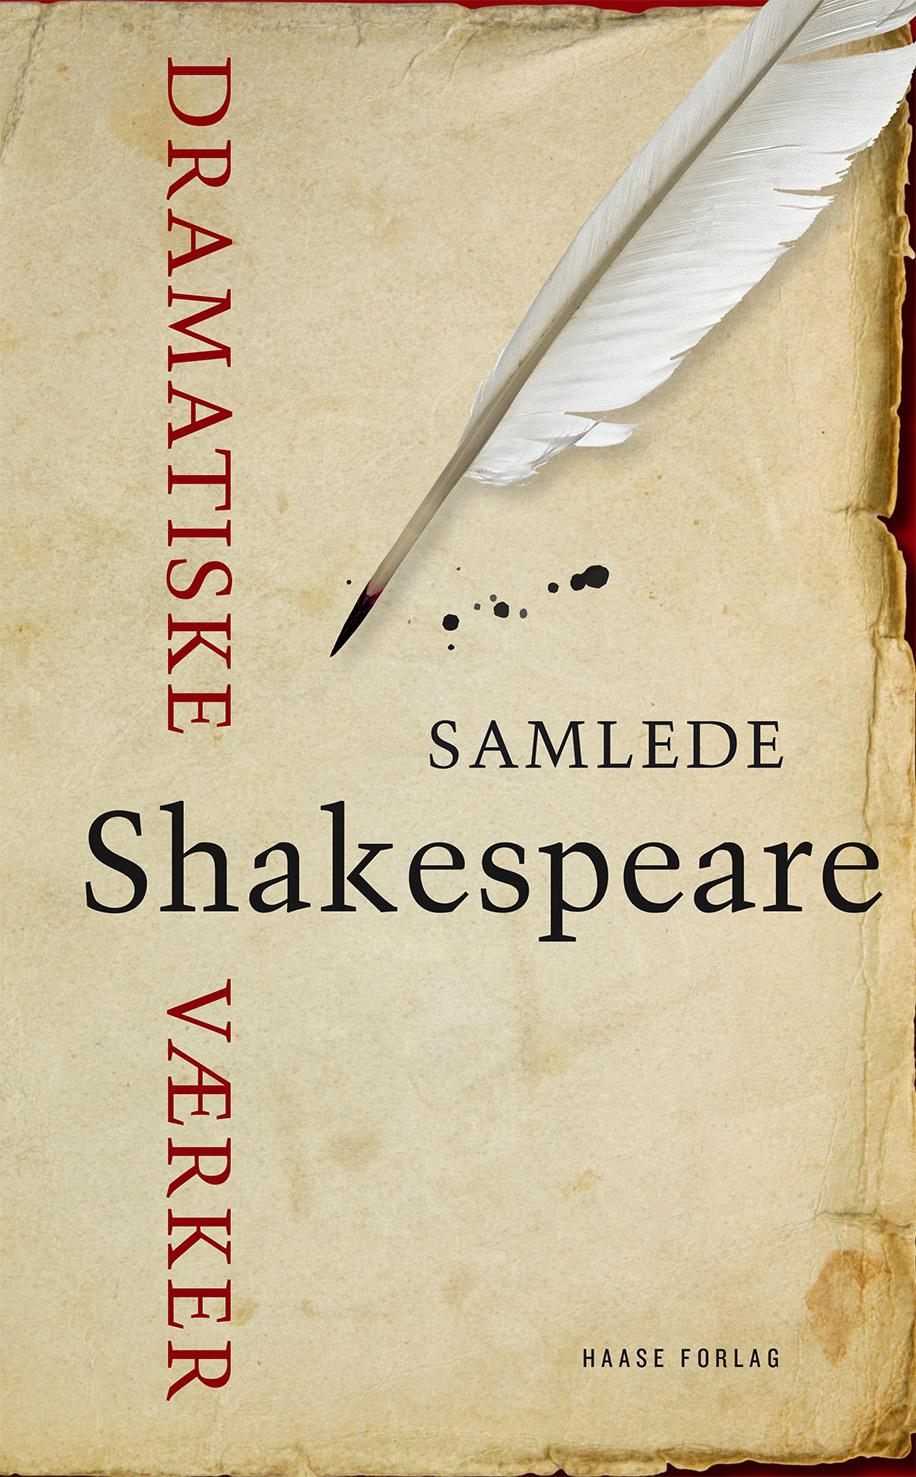 Samlede Shakespeare, hb